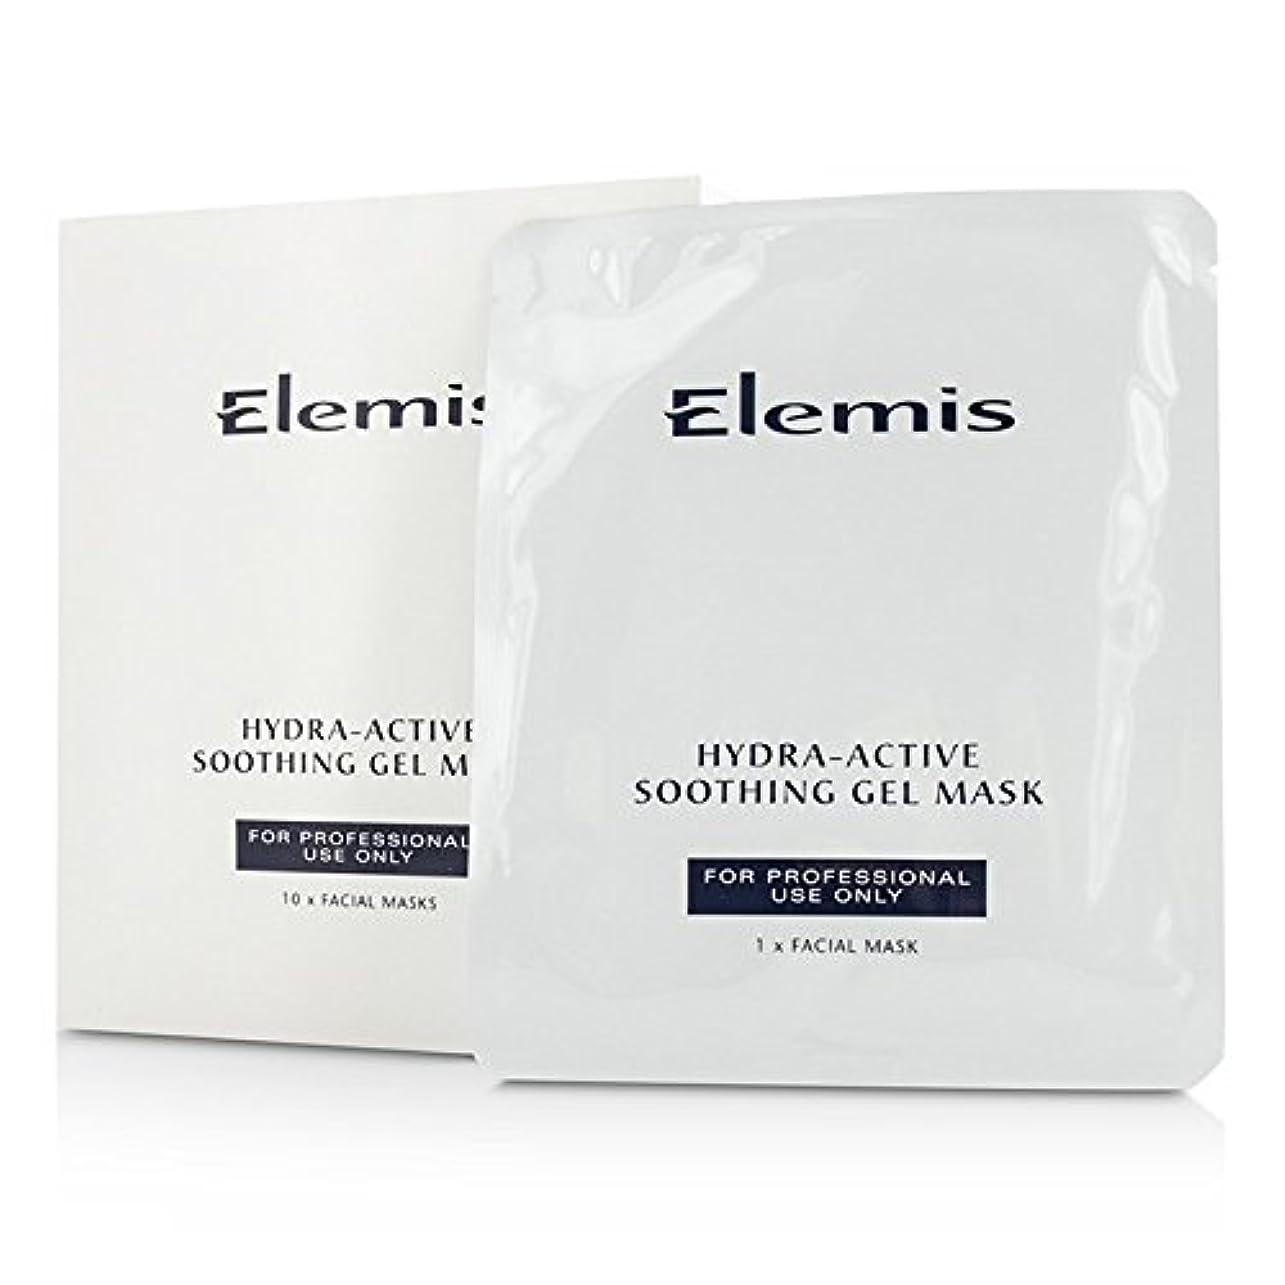 オーバードロー人道的良いエレミス ハイドラアクティブ スージングジェルマスク (サロン専用品) 10pcs並行輸入品